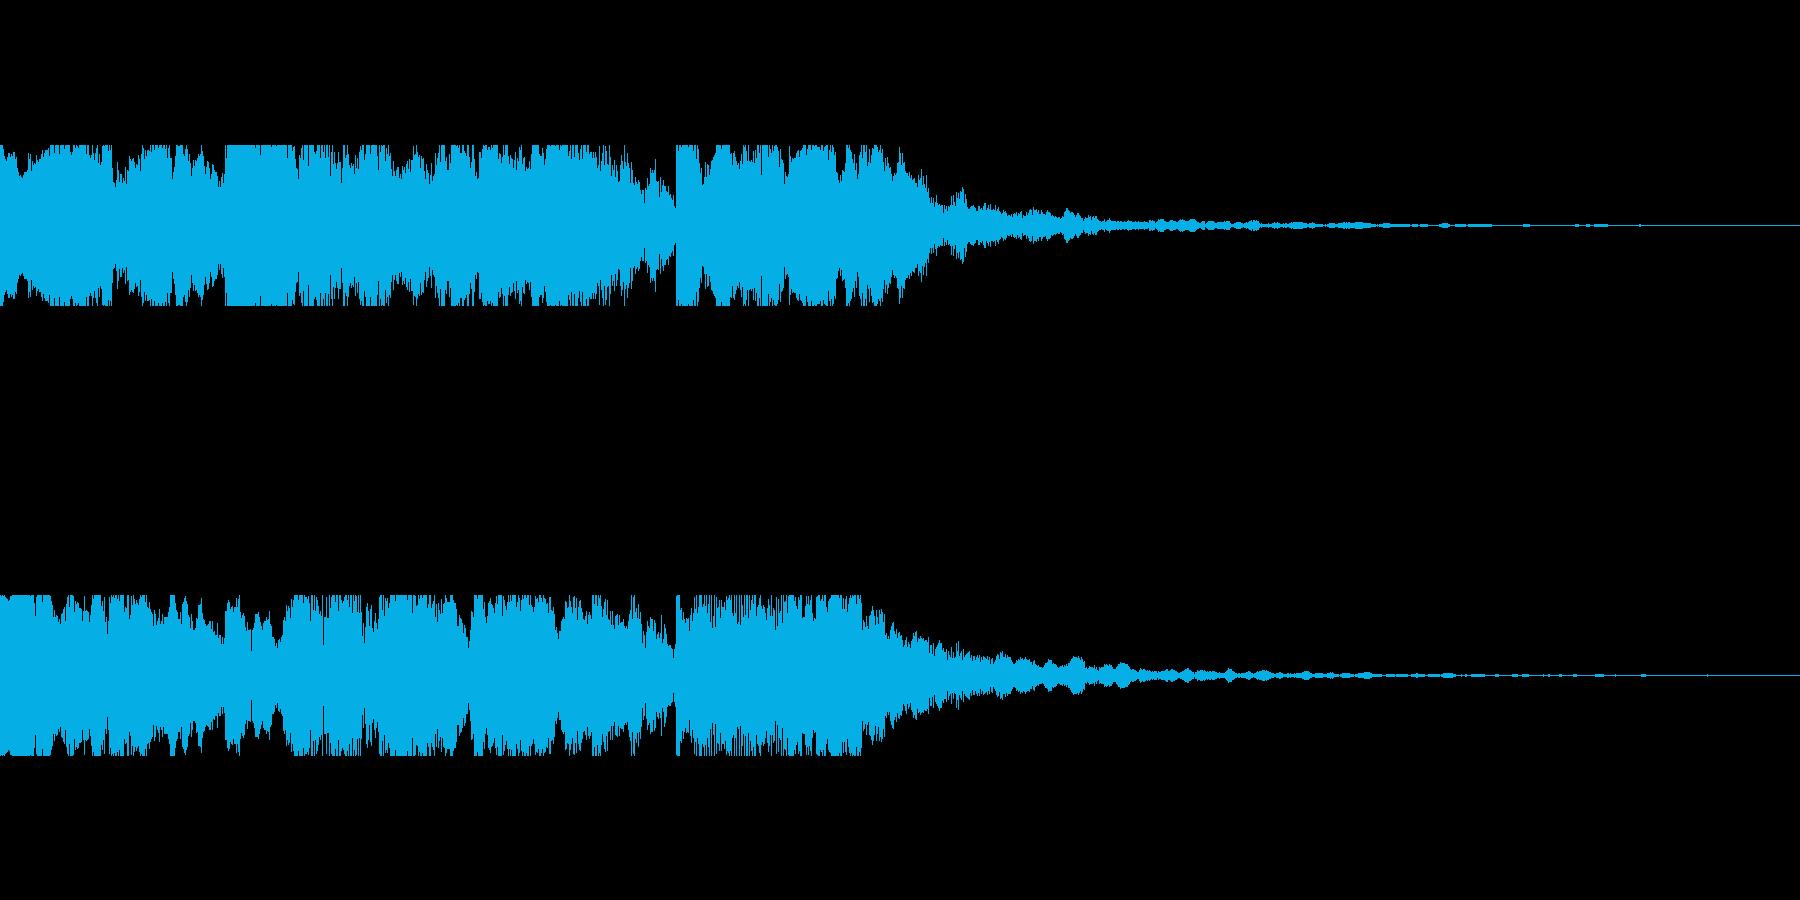 近未来を想像し発展する音の再生済みの波形